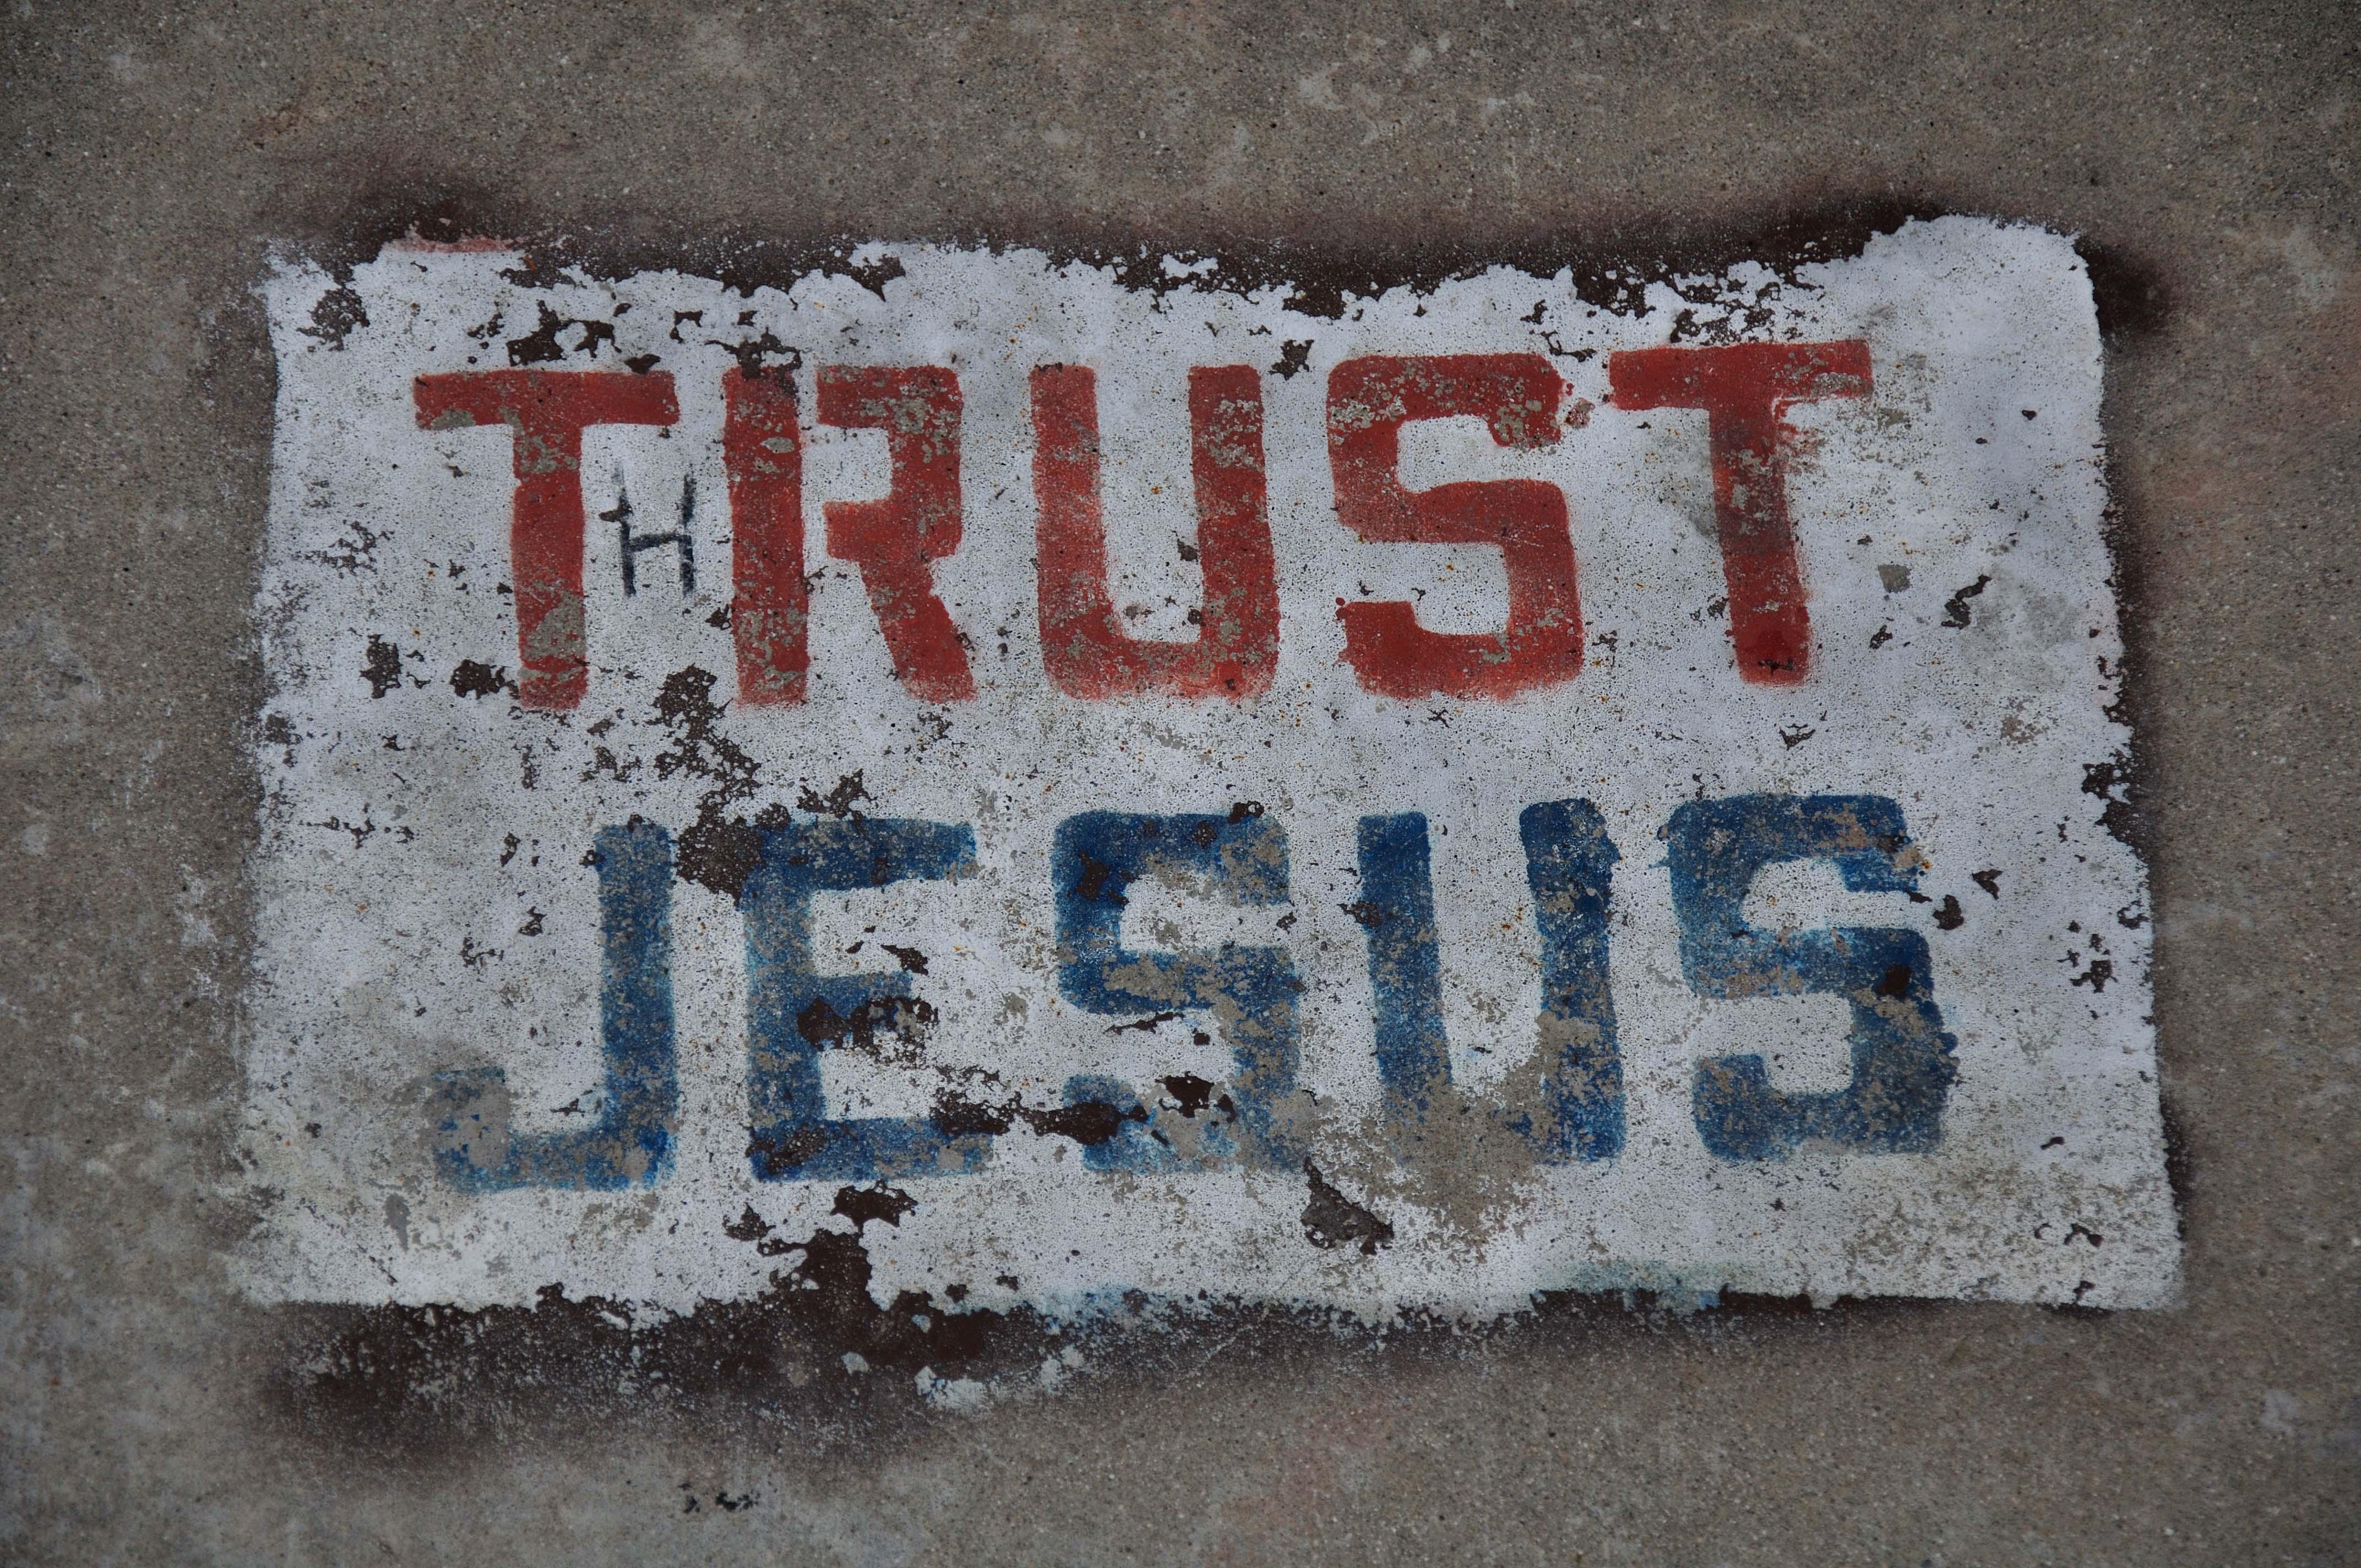 2010-ut-trust-1